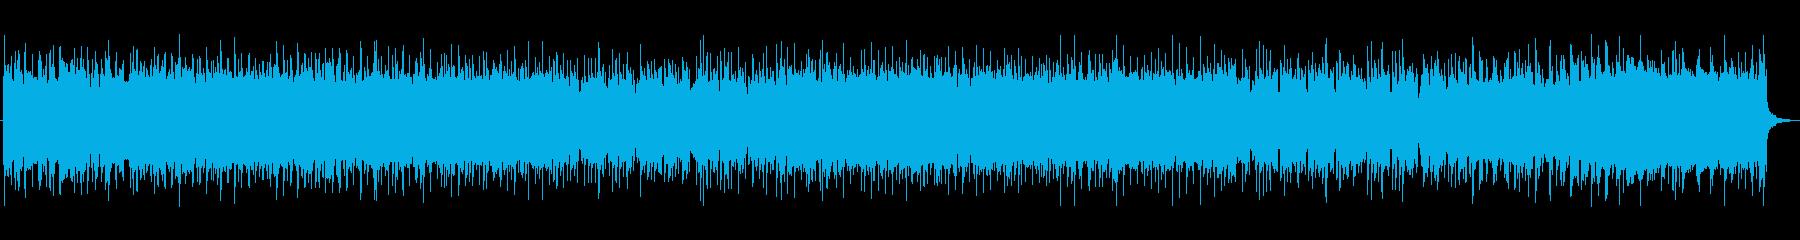 ポップで軽快なシンセBGM 宇宙空間の再生済みの波形